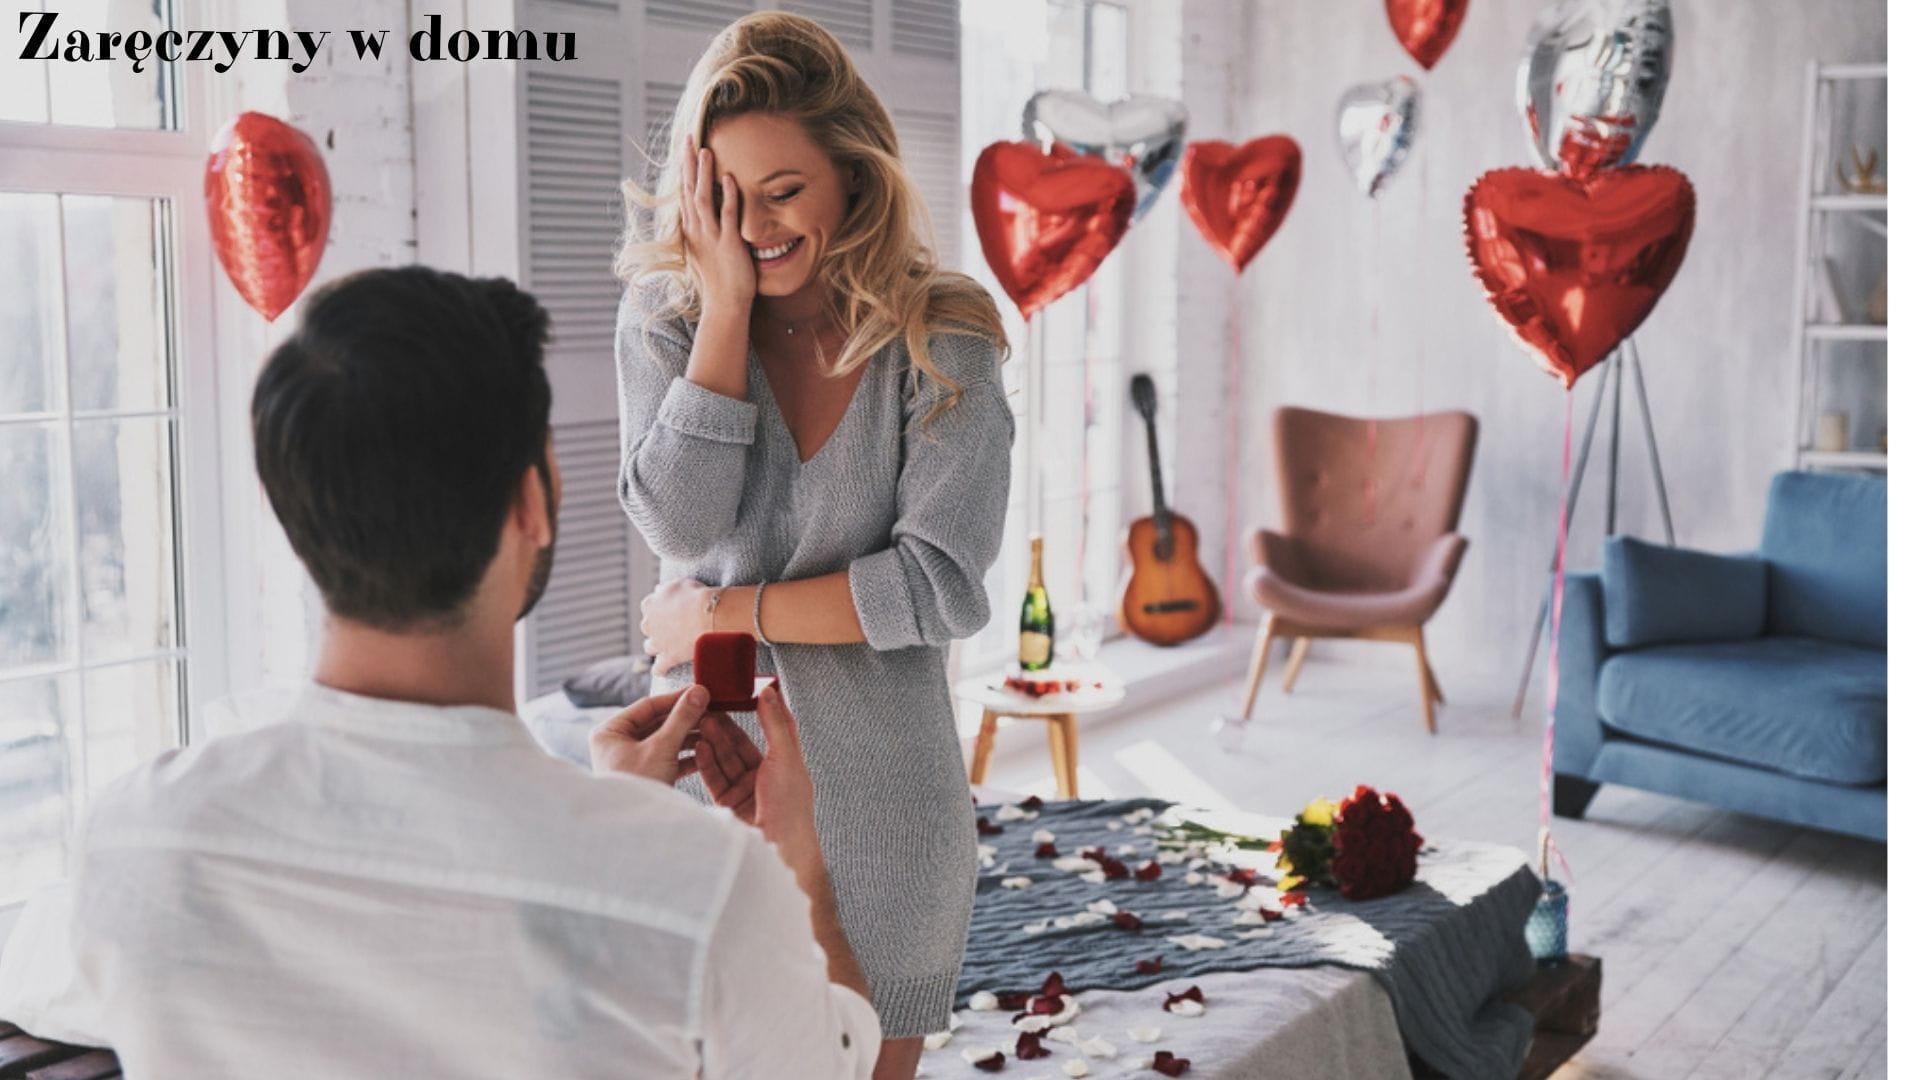 Zaręczyny w domu